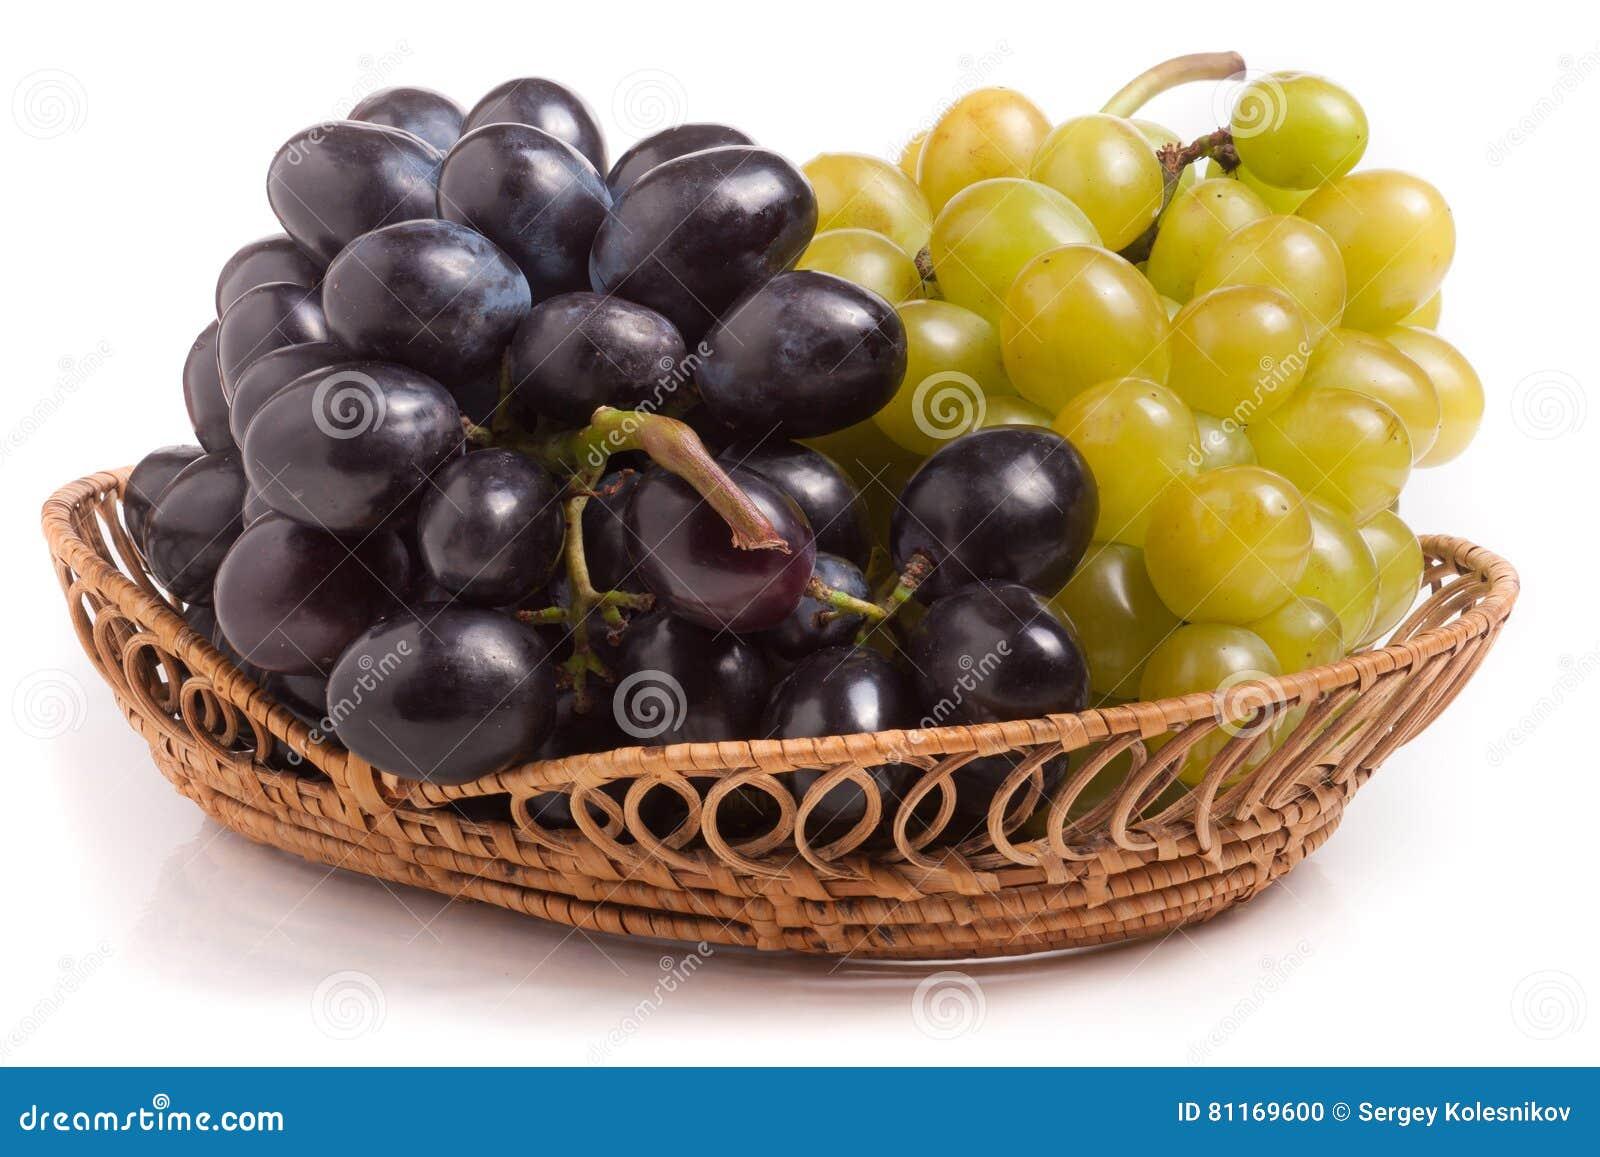 Grupo de uvas verdes e azuis na cesta de vime isolada no fundo branco